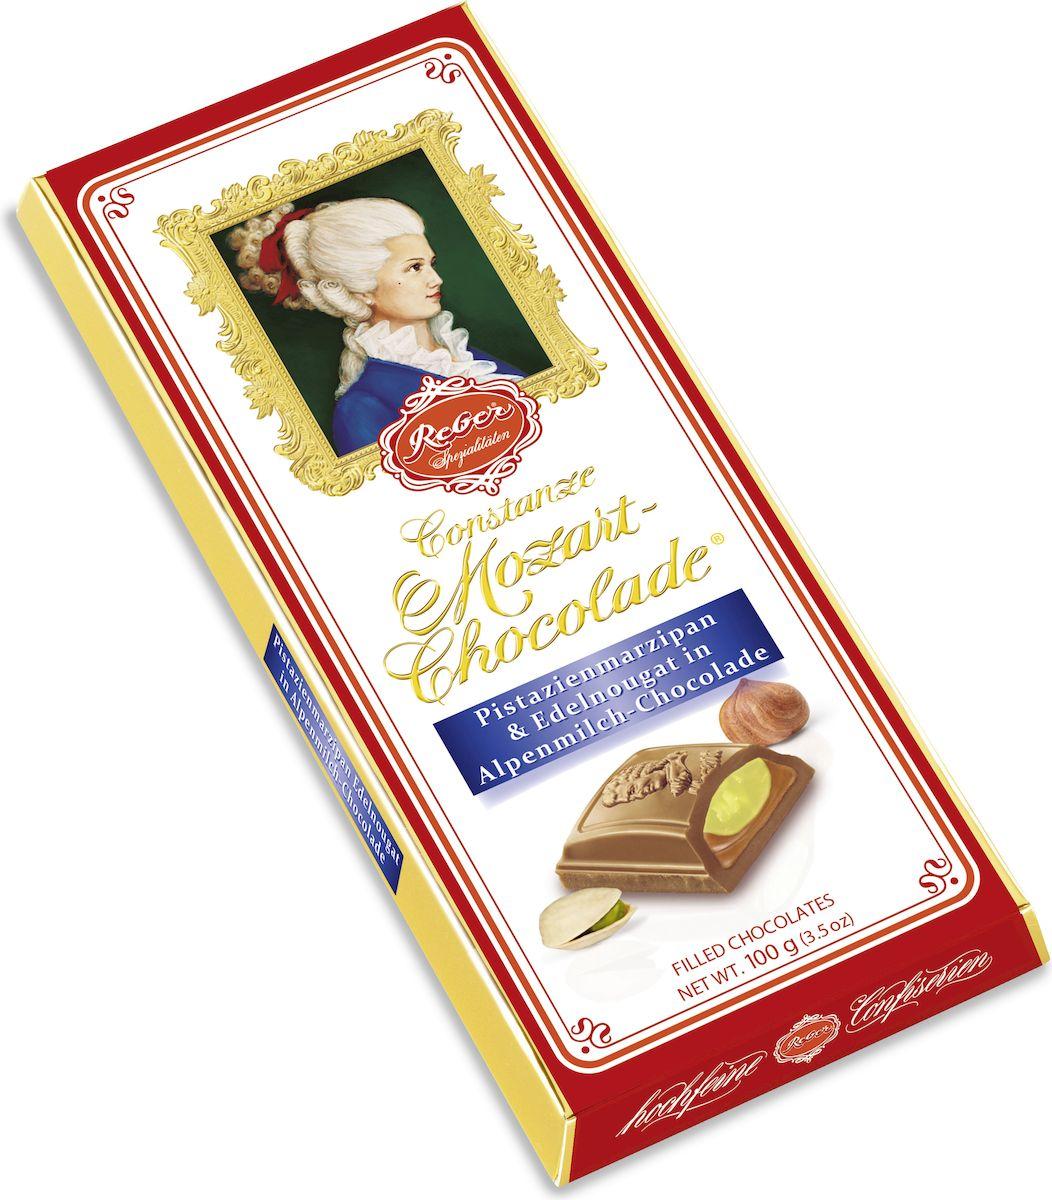 Reber AlpenVollmilch молочный шоколад с ореховым пралине и фисташковым марципаном, 100 г1410133/3Reber AlpenVollmilch - нежный молочный шоколад из альпийского молока с двуслойной начинкой из фисташкового марципанаи сладкой нуги из фундука.Марципан уравновешивает сладость нуги и молочного шоколада, поэтомувкус продукта получается сбалансированный, сдержанный и элегантный.Ракушка сделана из довольно толстого слоя шоколада, поэтому она очень приятно ломается, хрустит и сохраняет собственную форму и вкус.Шоколад из альпийского молока приготовлен по семейному рецепту Reber. Нугуделаютиз средиземноморского медленно обжаренного фундука, сахара, альпийского молока и меда. Уважаемые клиенты! Обращаем ваше внимание на то, что упаковка может иметь несколько видов дизайна.Поставка осуществляется в зависимости от наличия на складе.